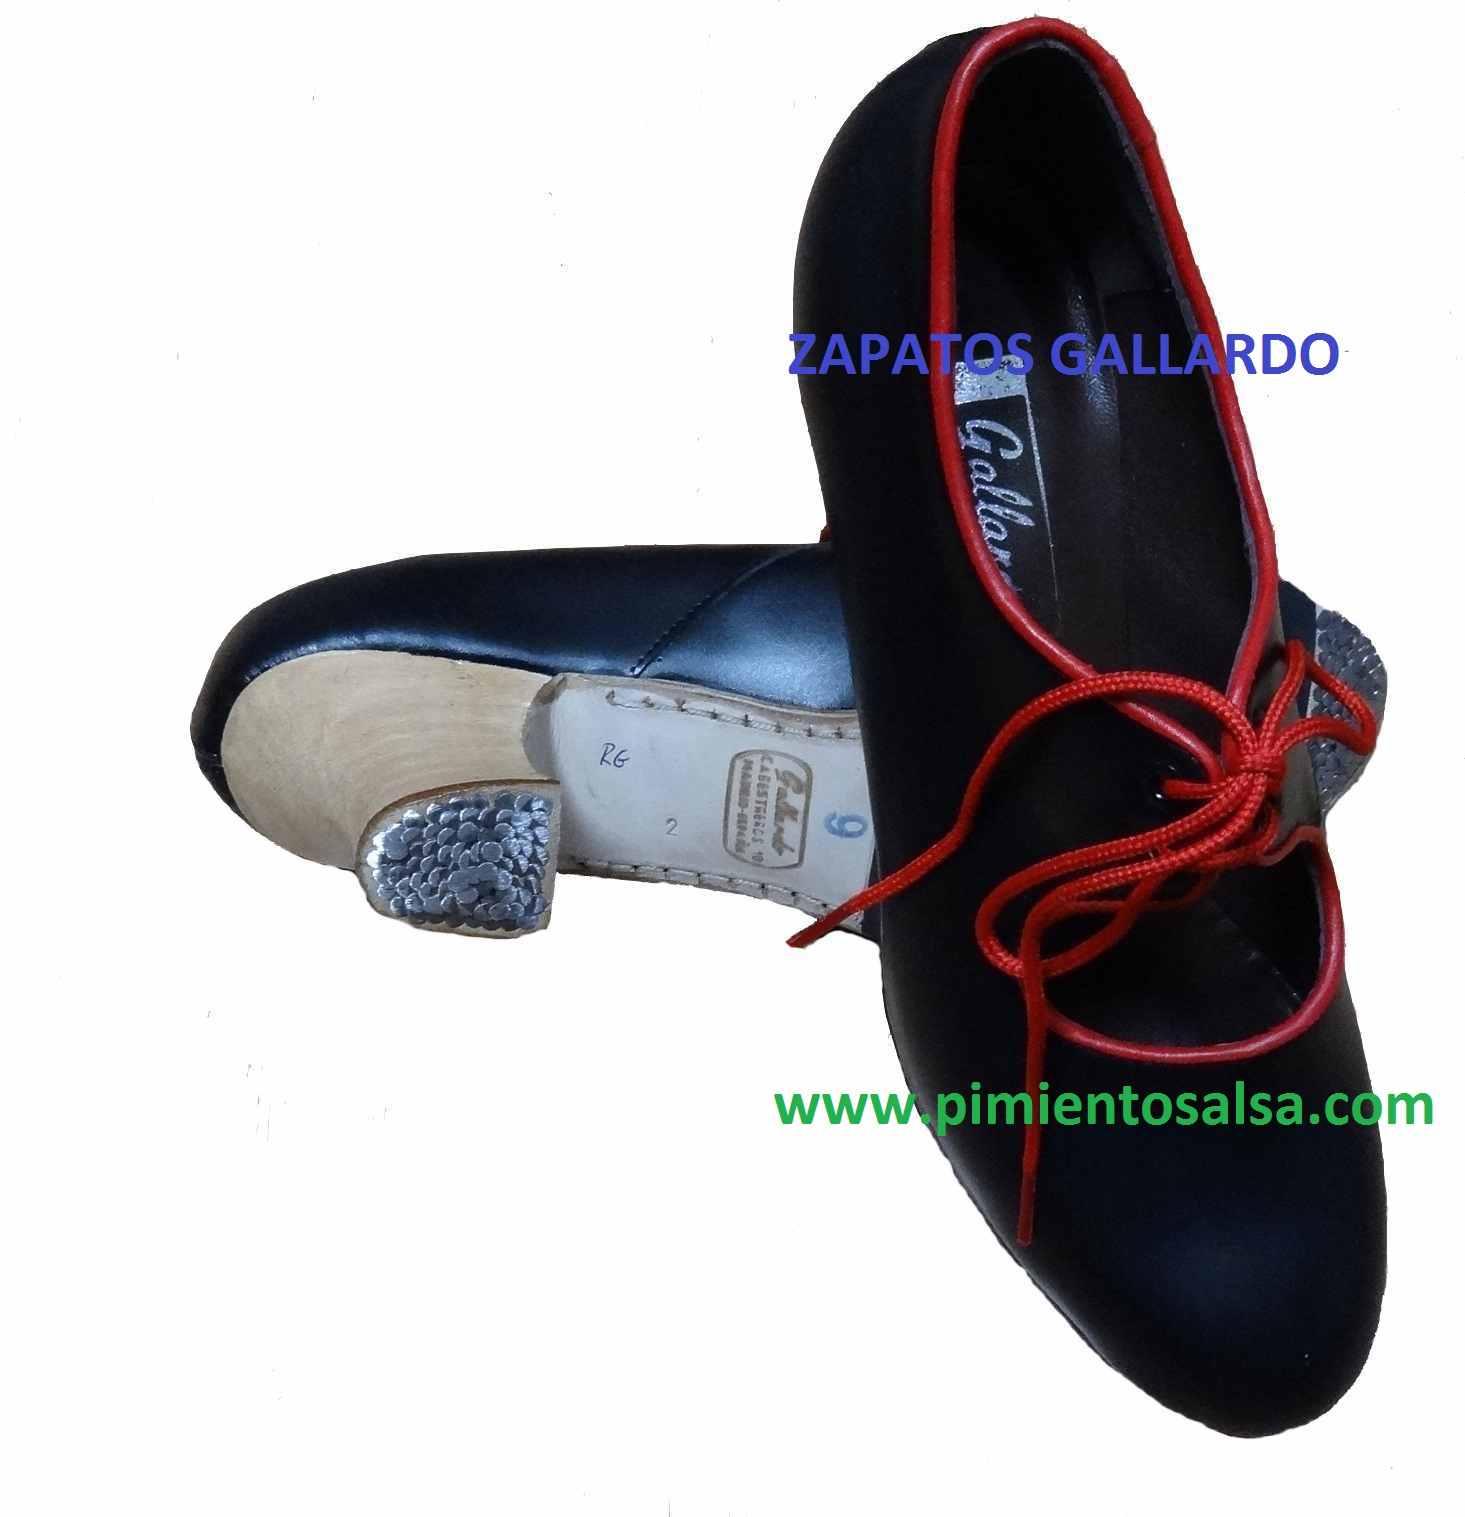 Chaussure de flamenco Gallardo